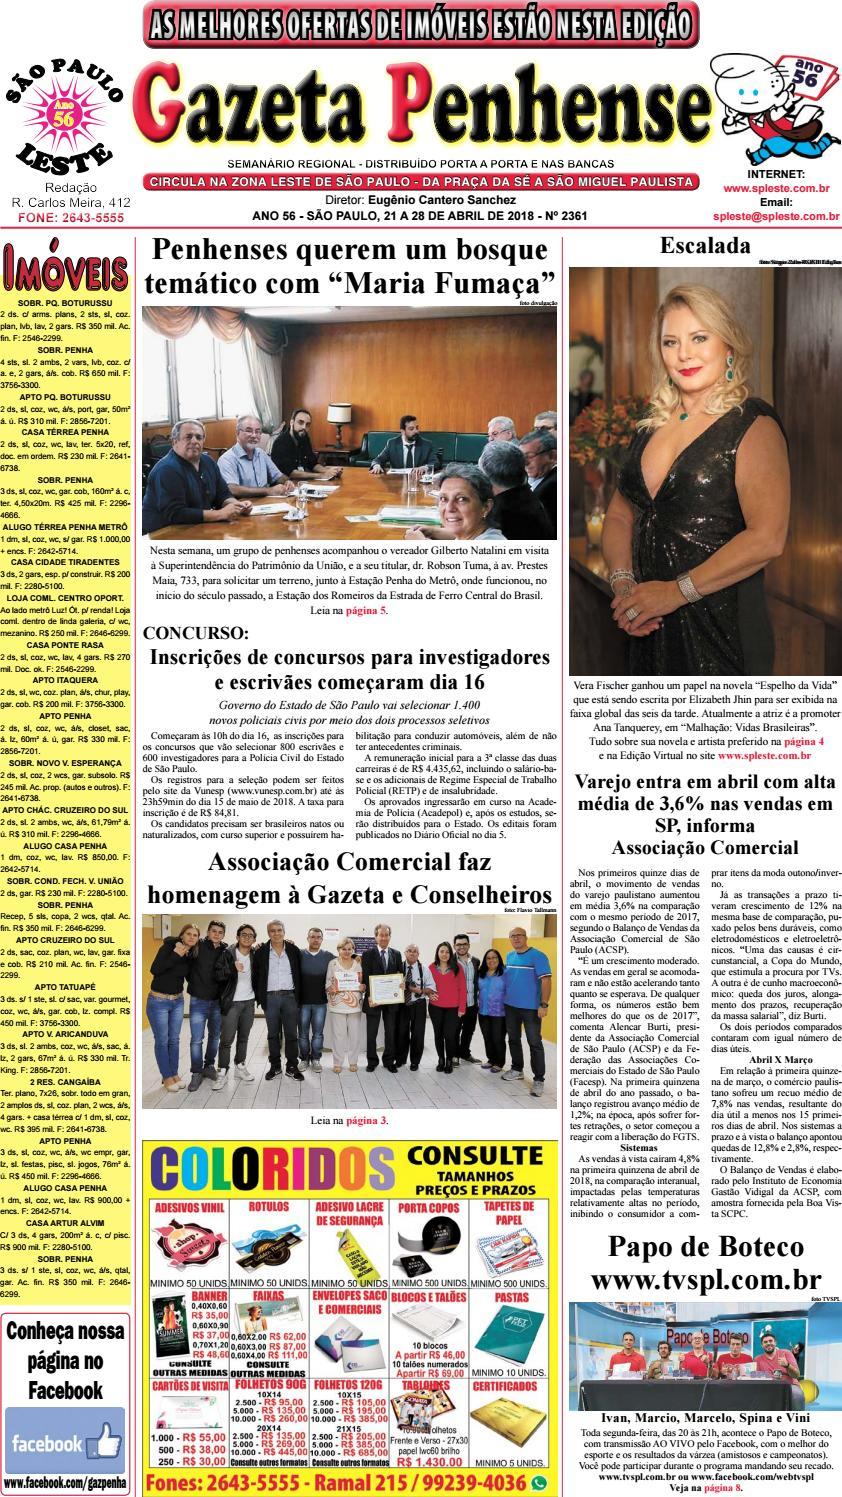 ef63d71f4 Gazeta Penhense edição 2361 - 21 a 28.04.18 by Marcelo Cantero - issuu